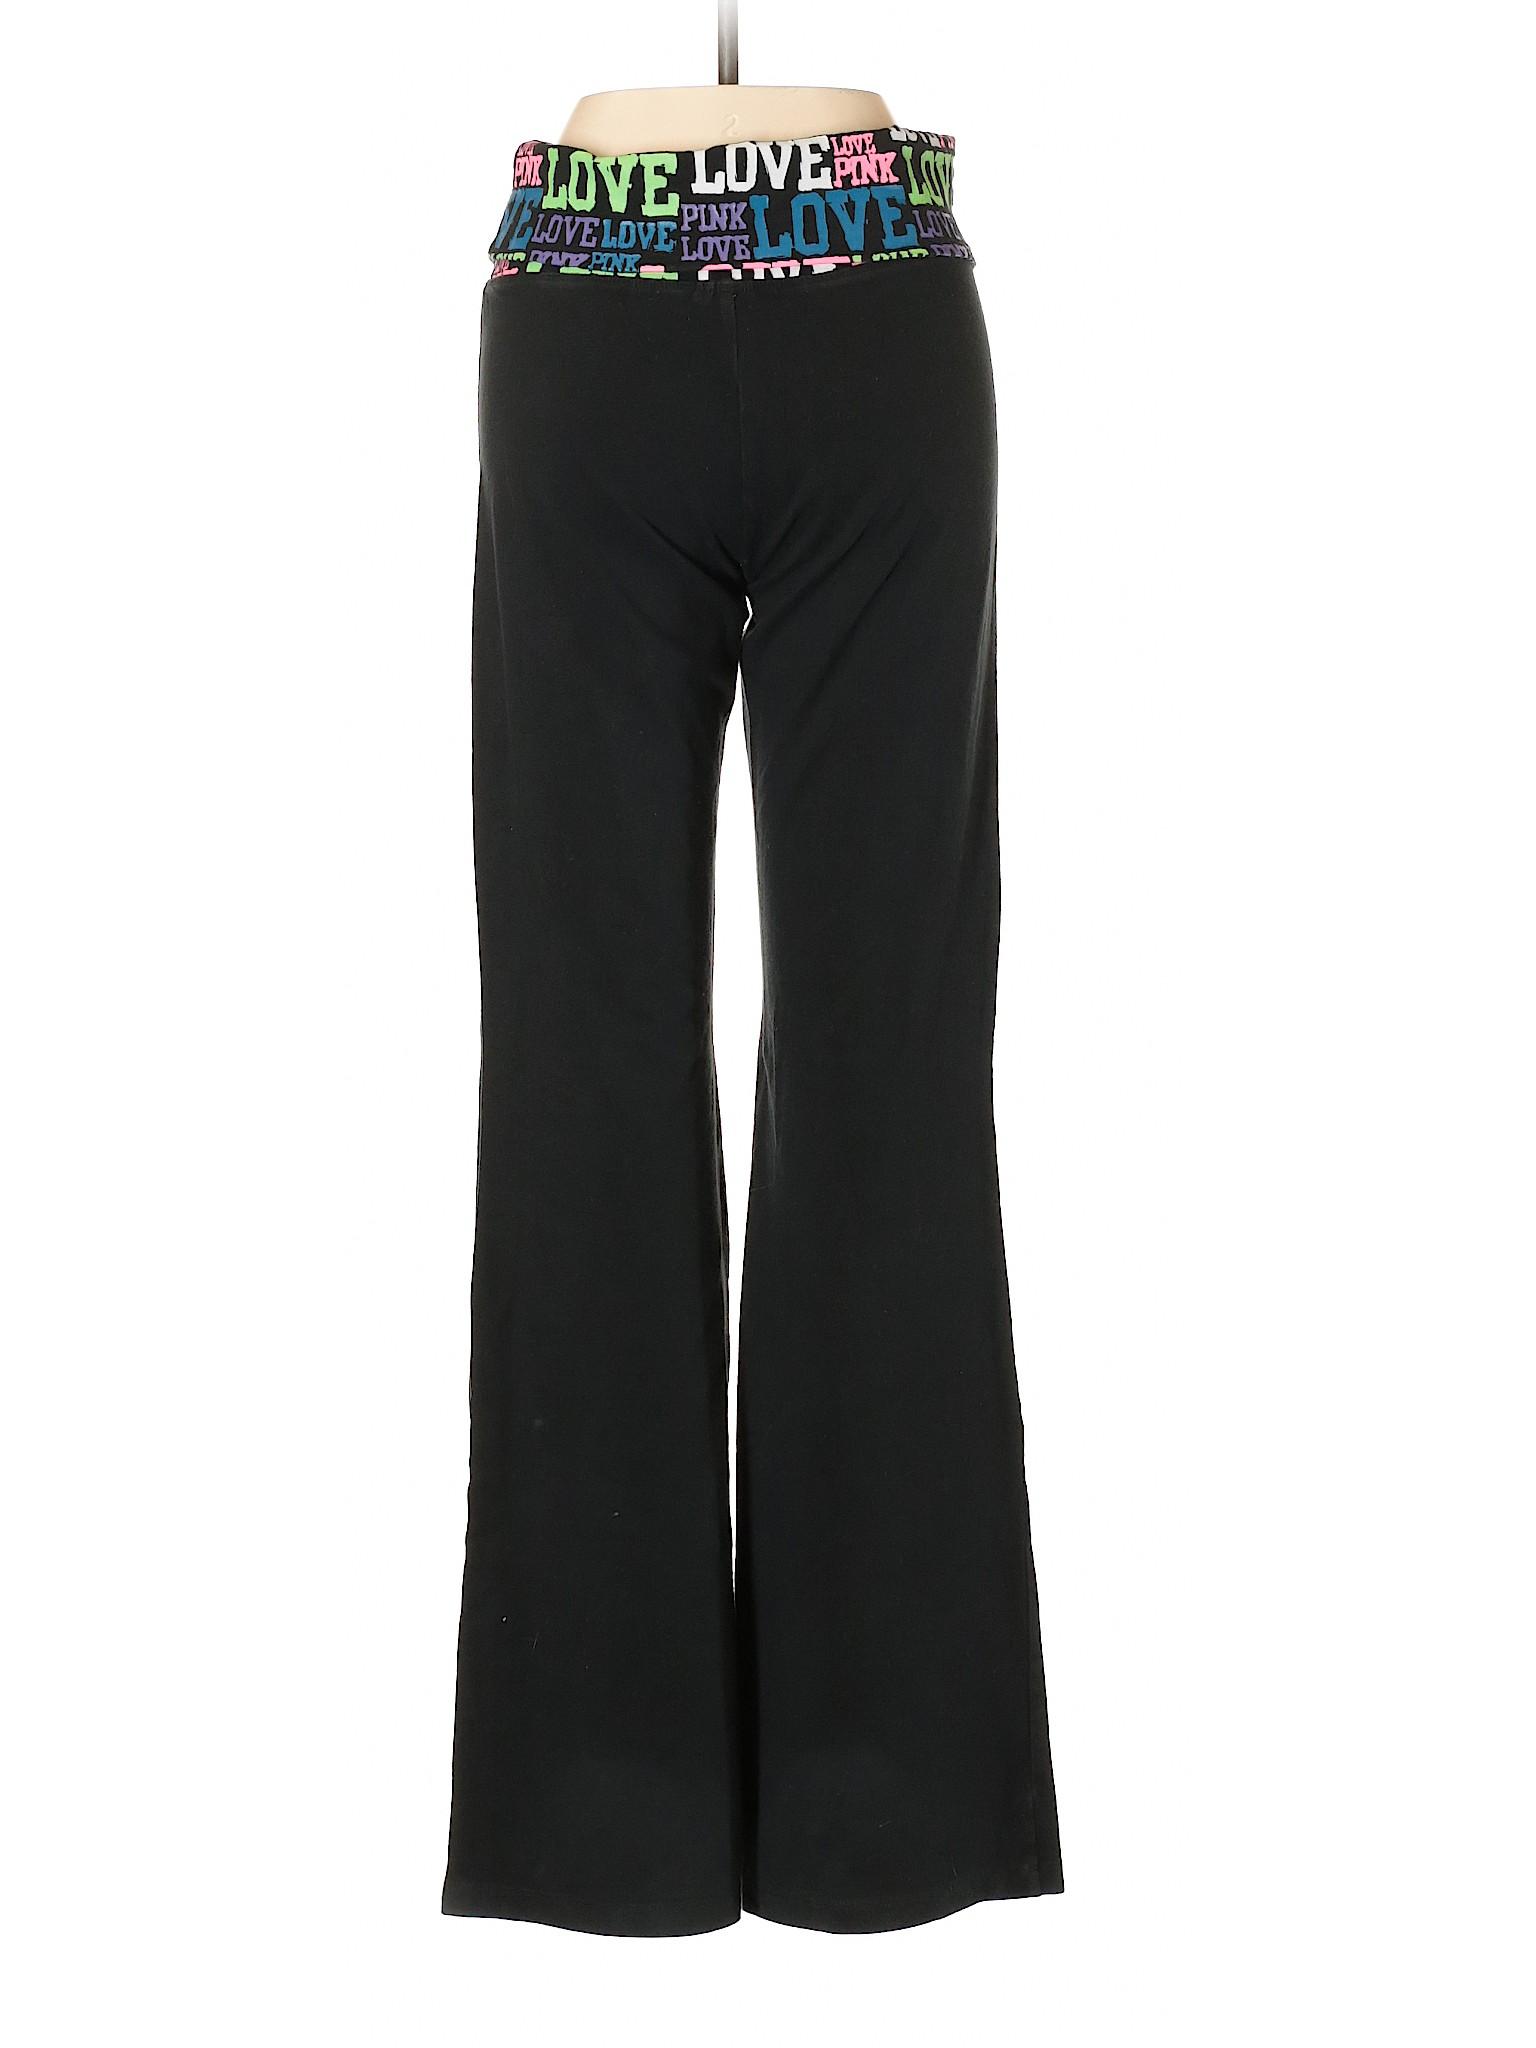 Victoria's Sweatpants Boutique leisure Secret Pink v5qAwwPUx